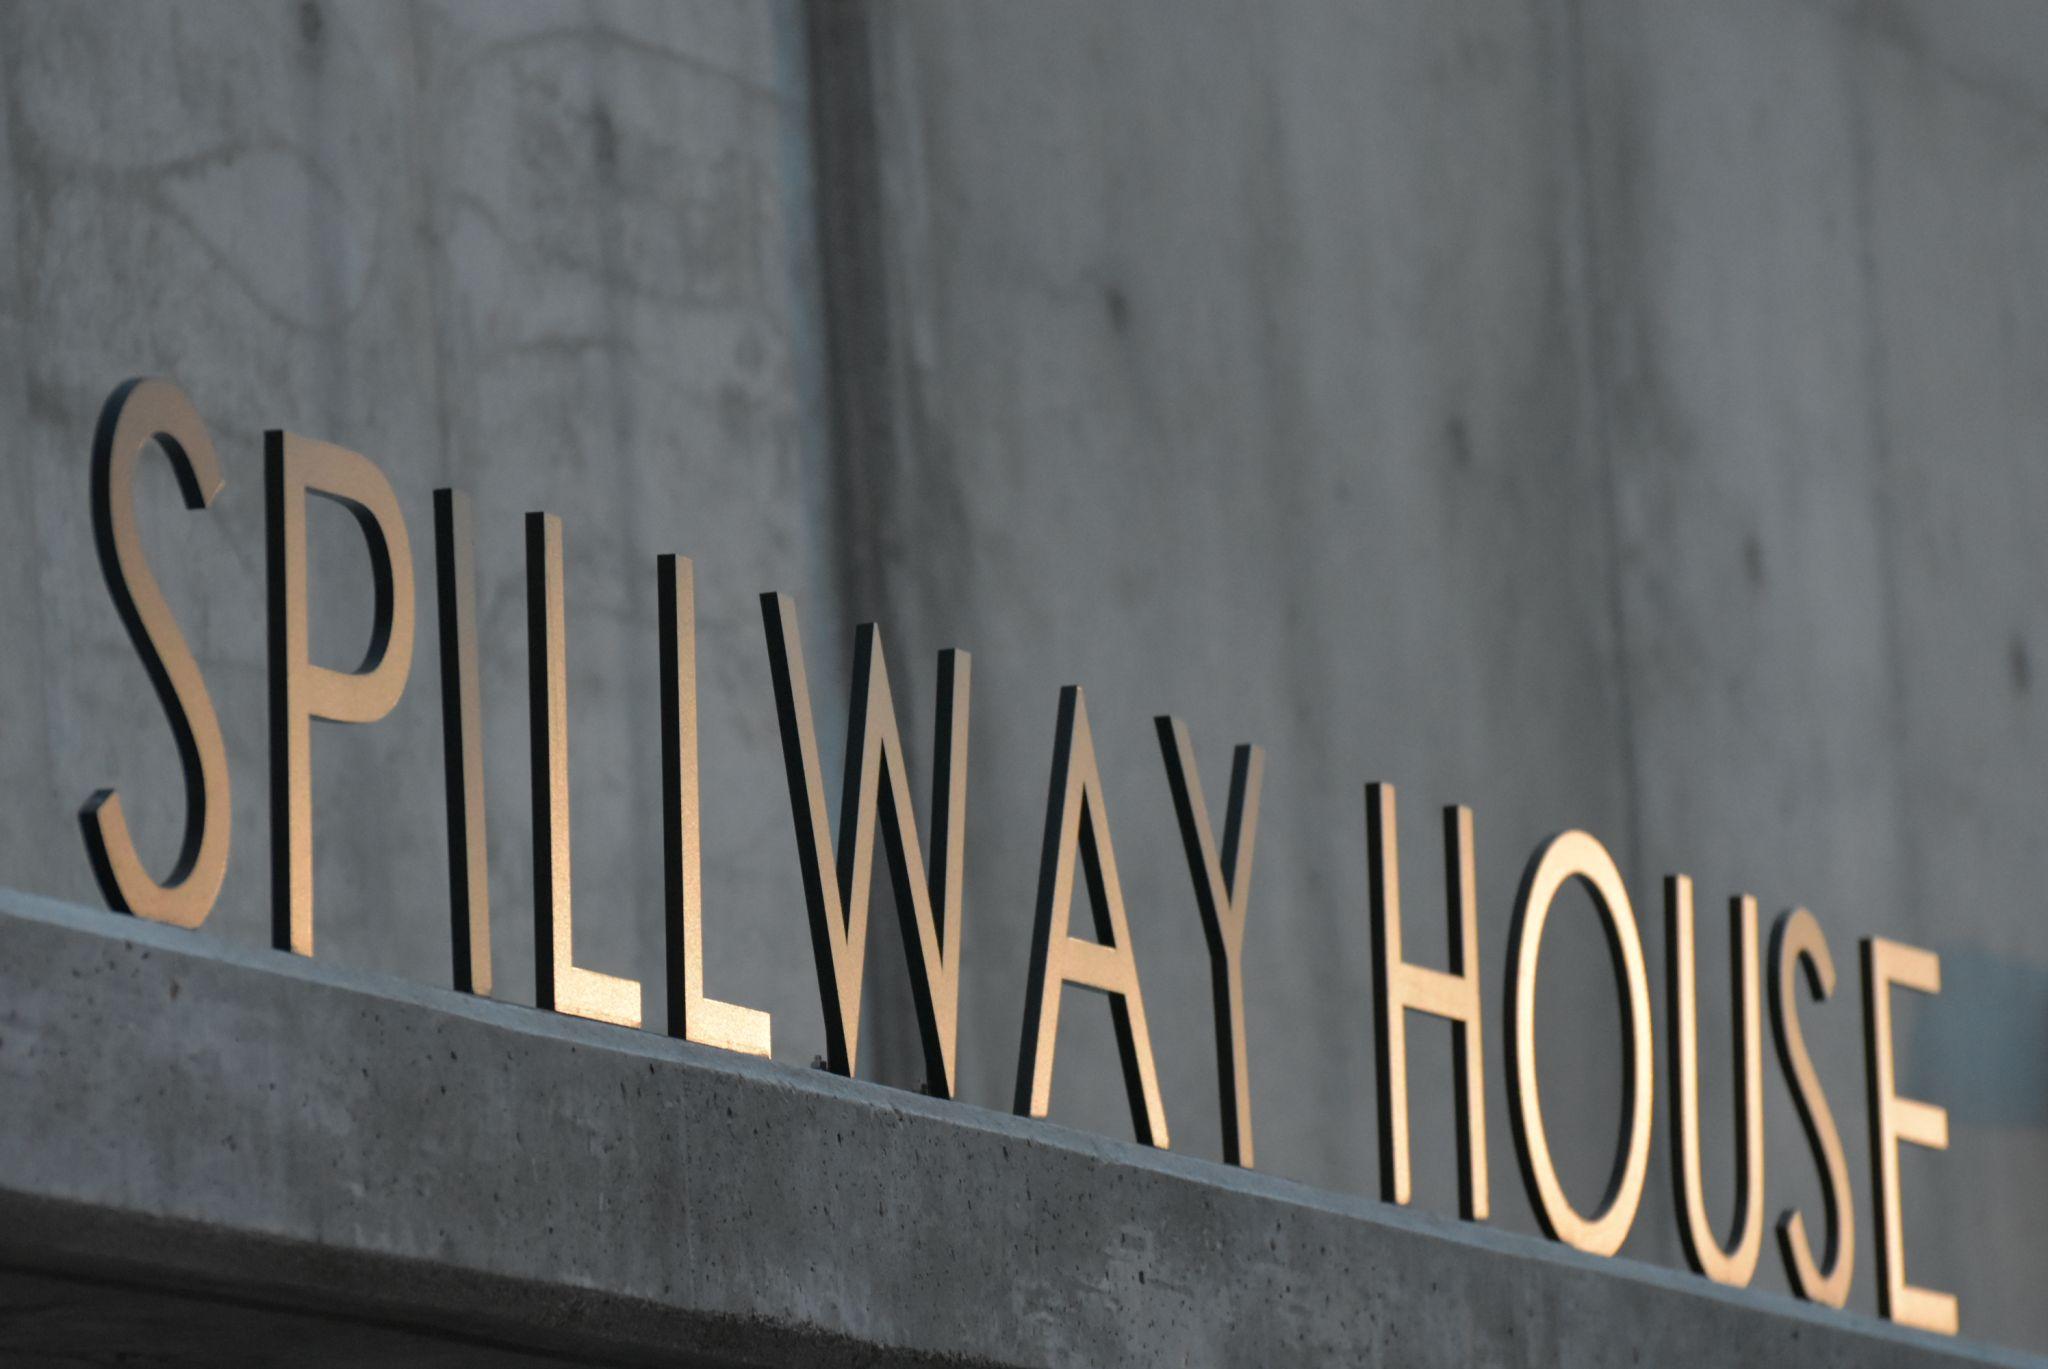 Hoover Dam - Spillway House, USA